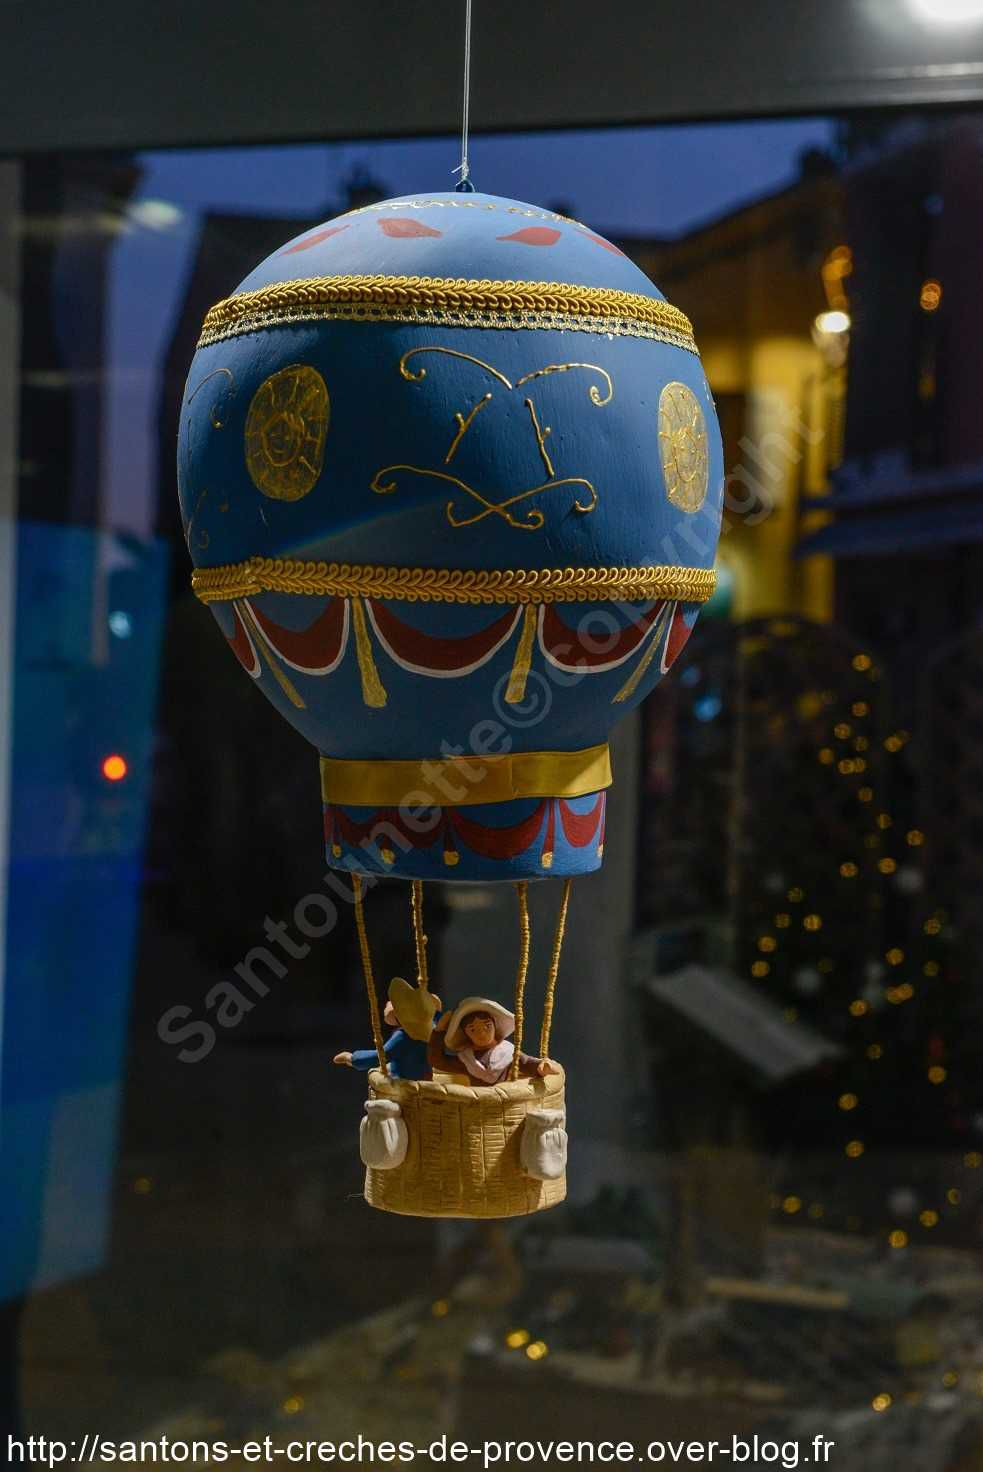 La montgolfière, un clin d'œil à Saint Exupéry